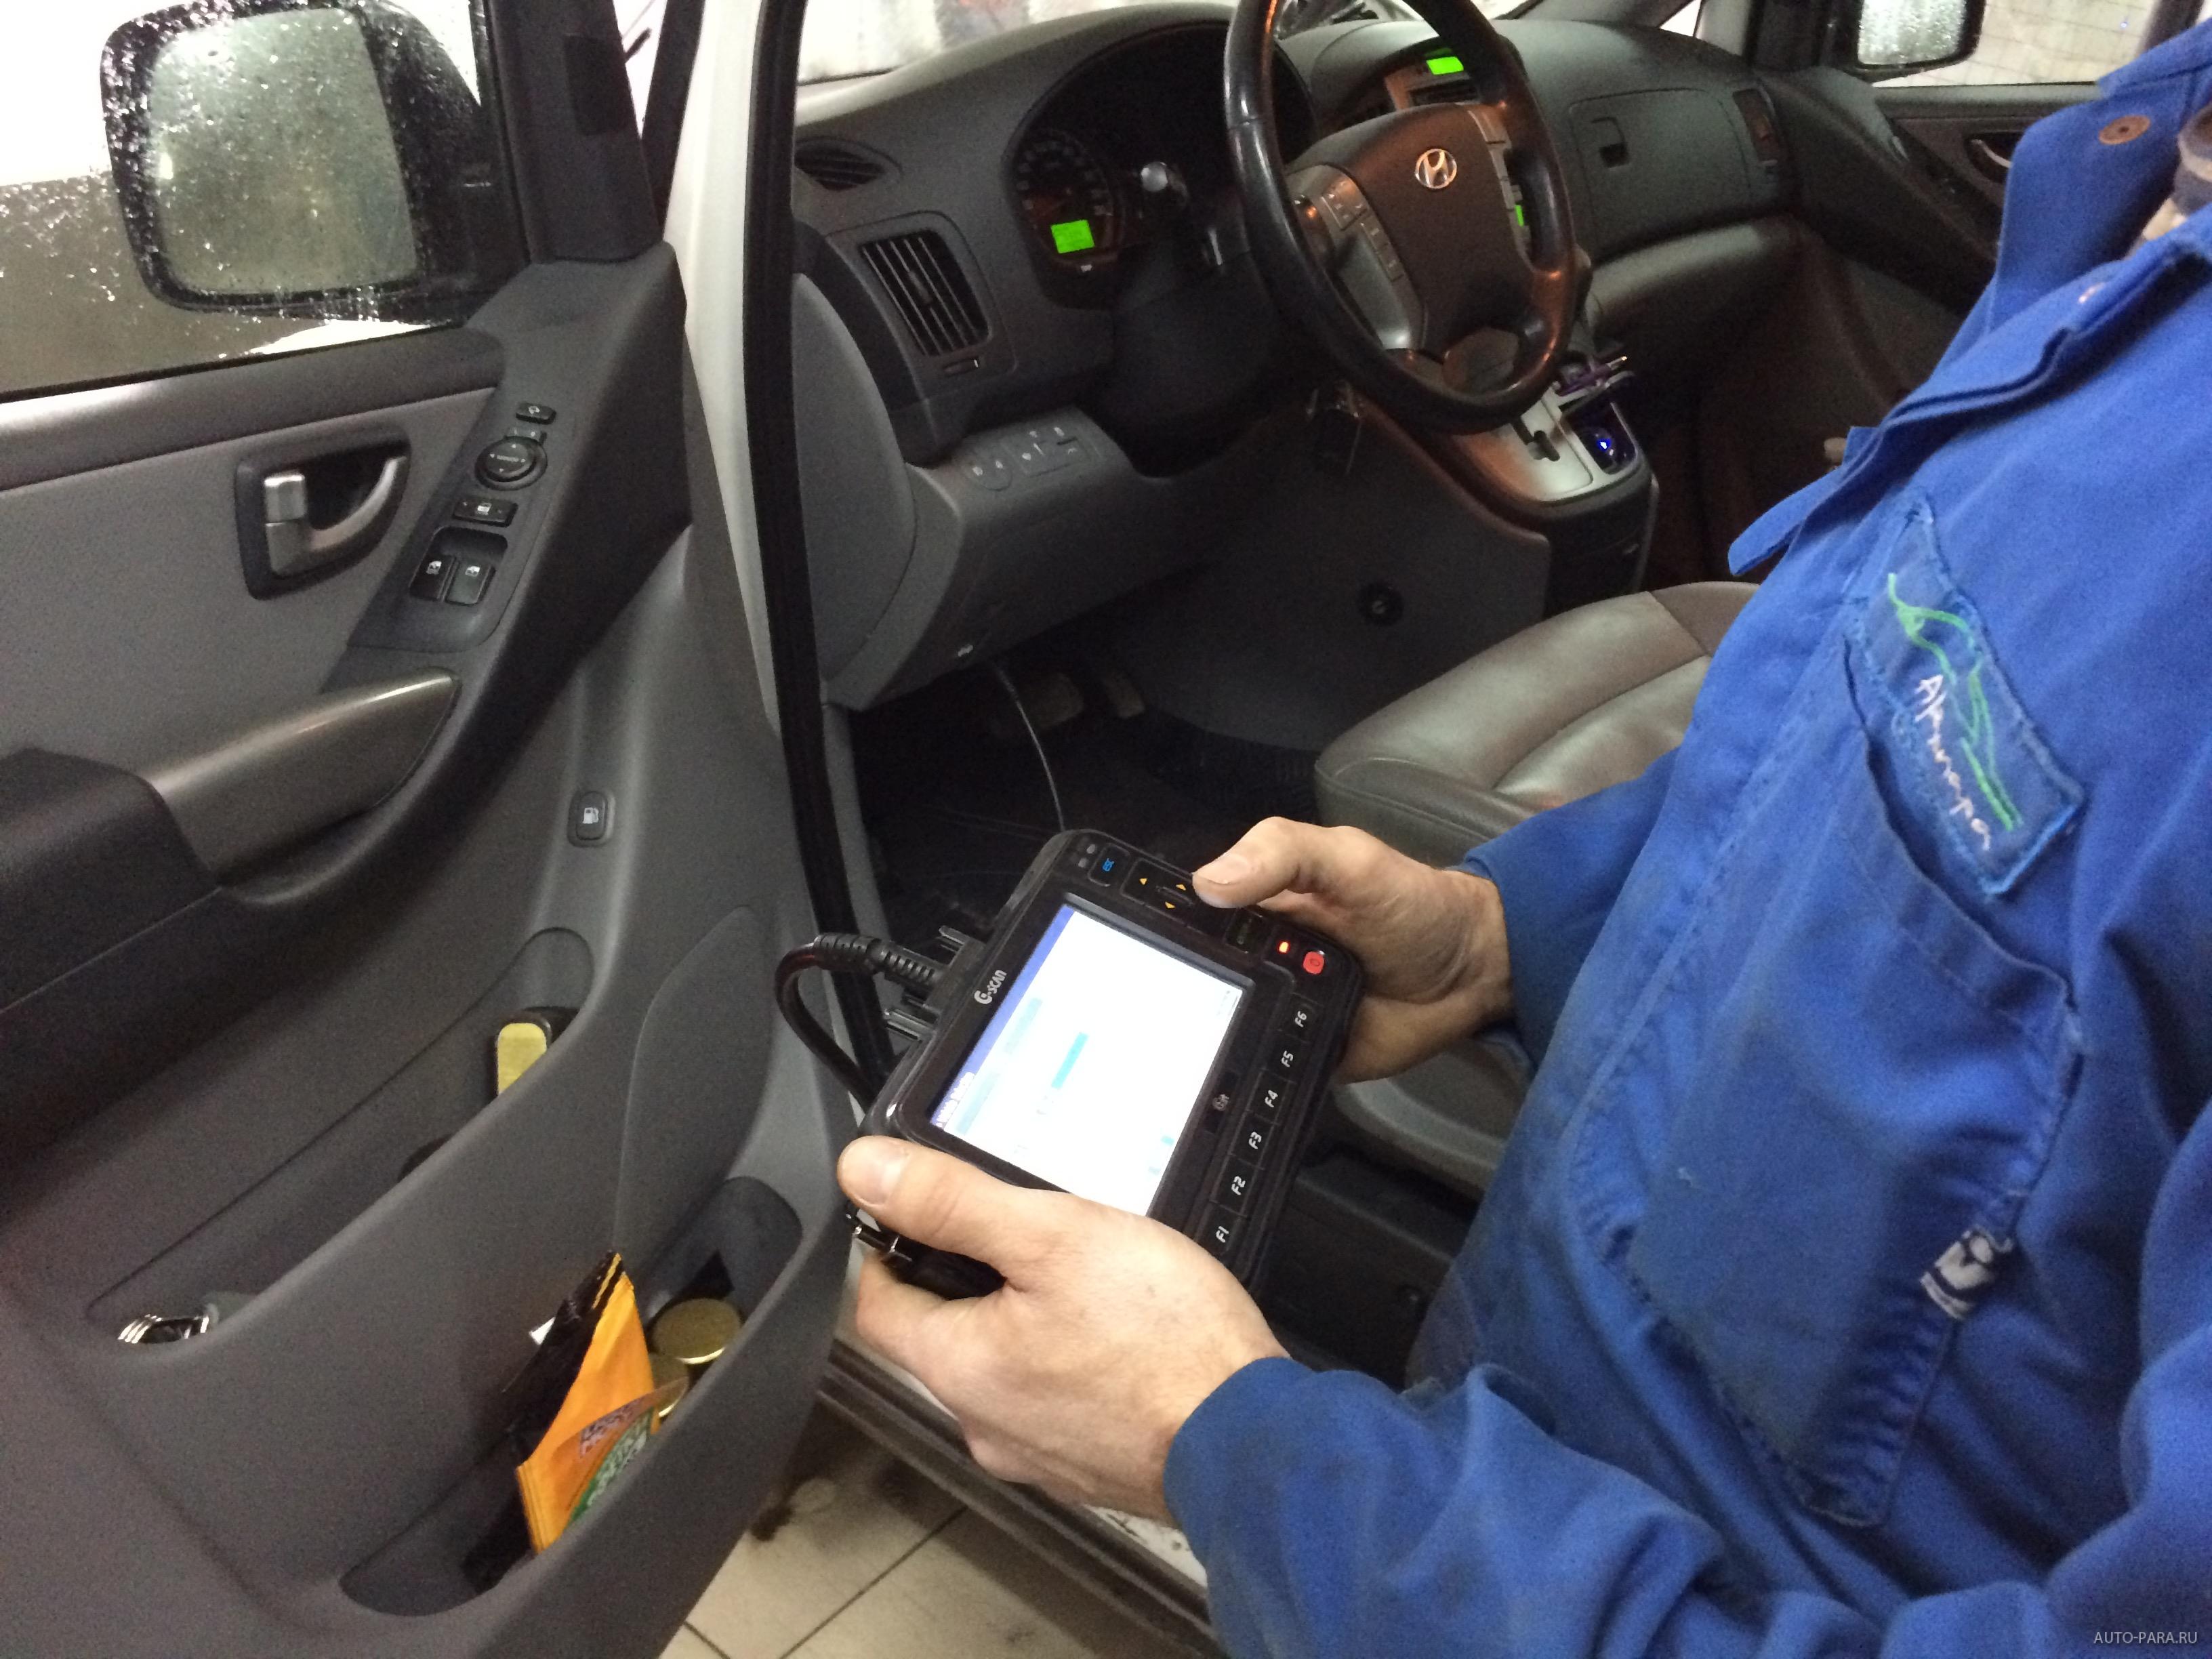 признак заинтересованности обучение компьютерной диагностики автомобиля в барнауле кирпича